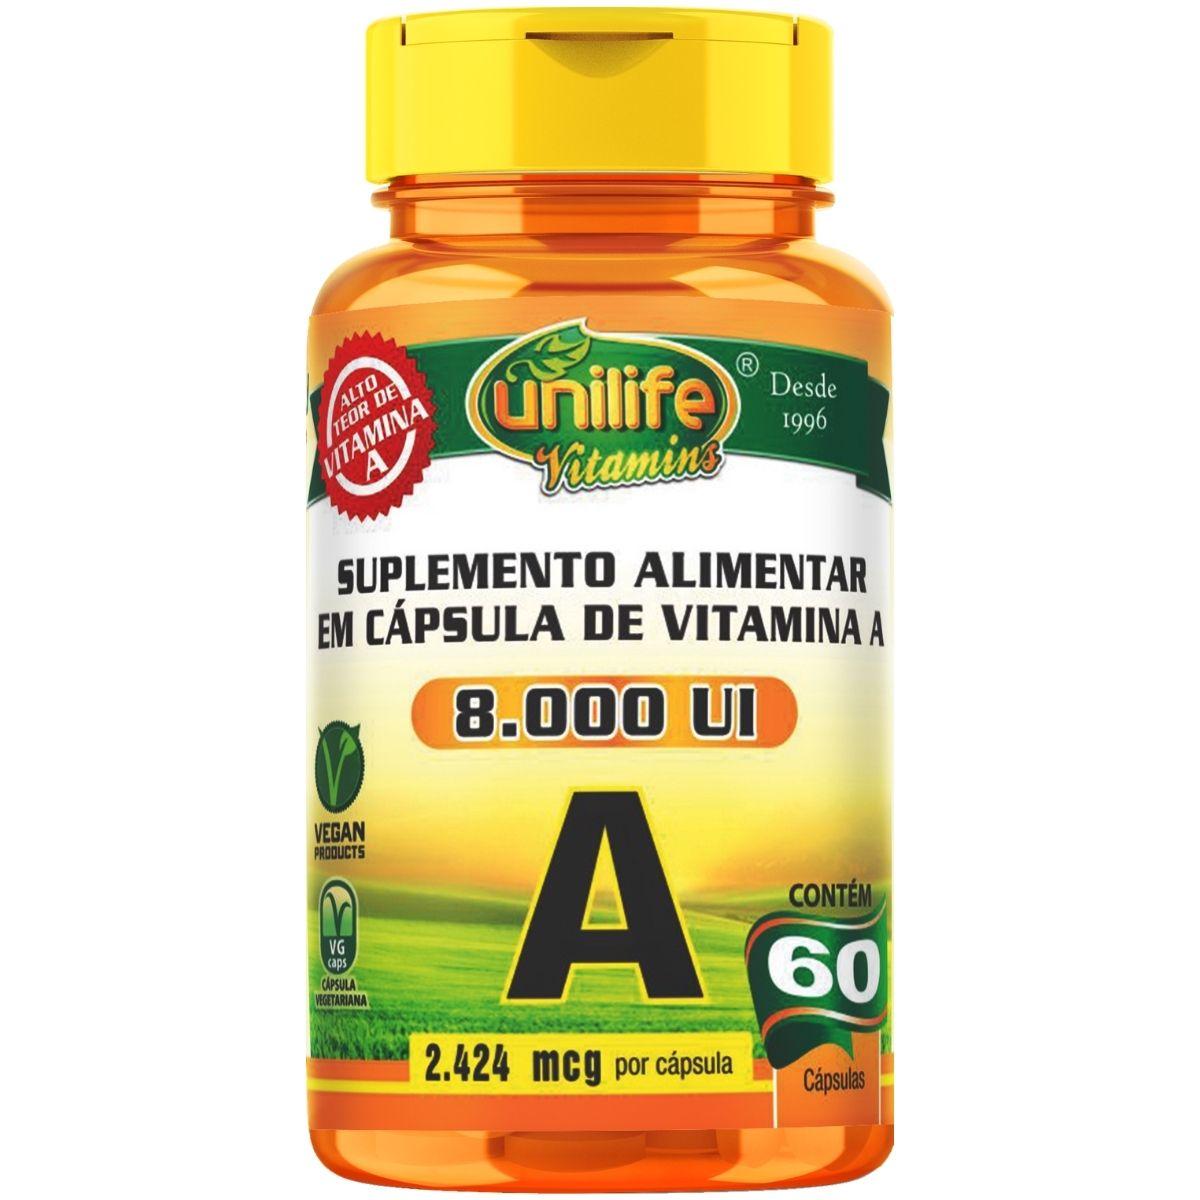 Vitamina A 8.000UI 60 Cápsulas Acetato de Retinol - Unilife